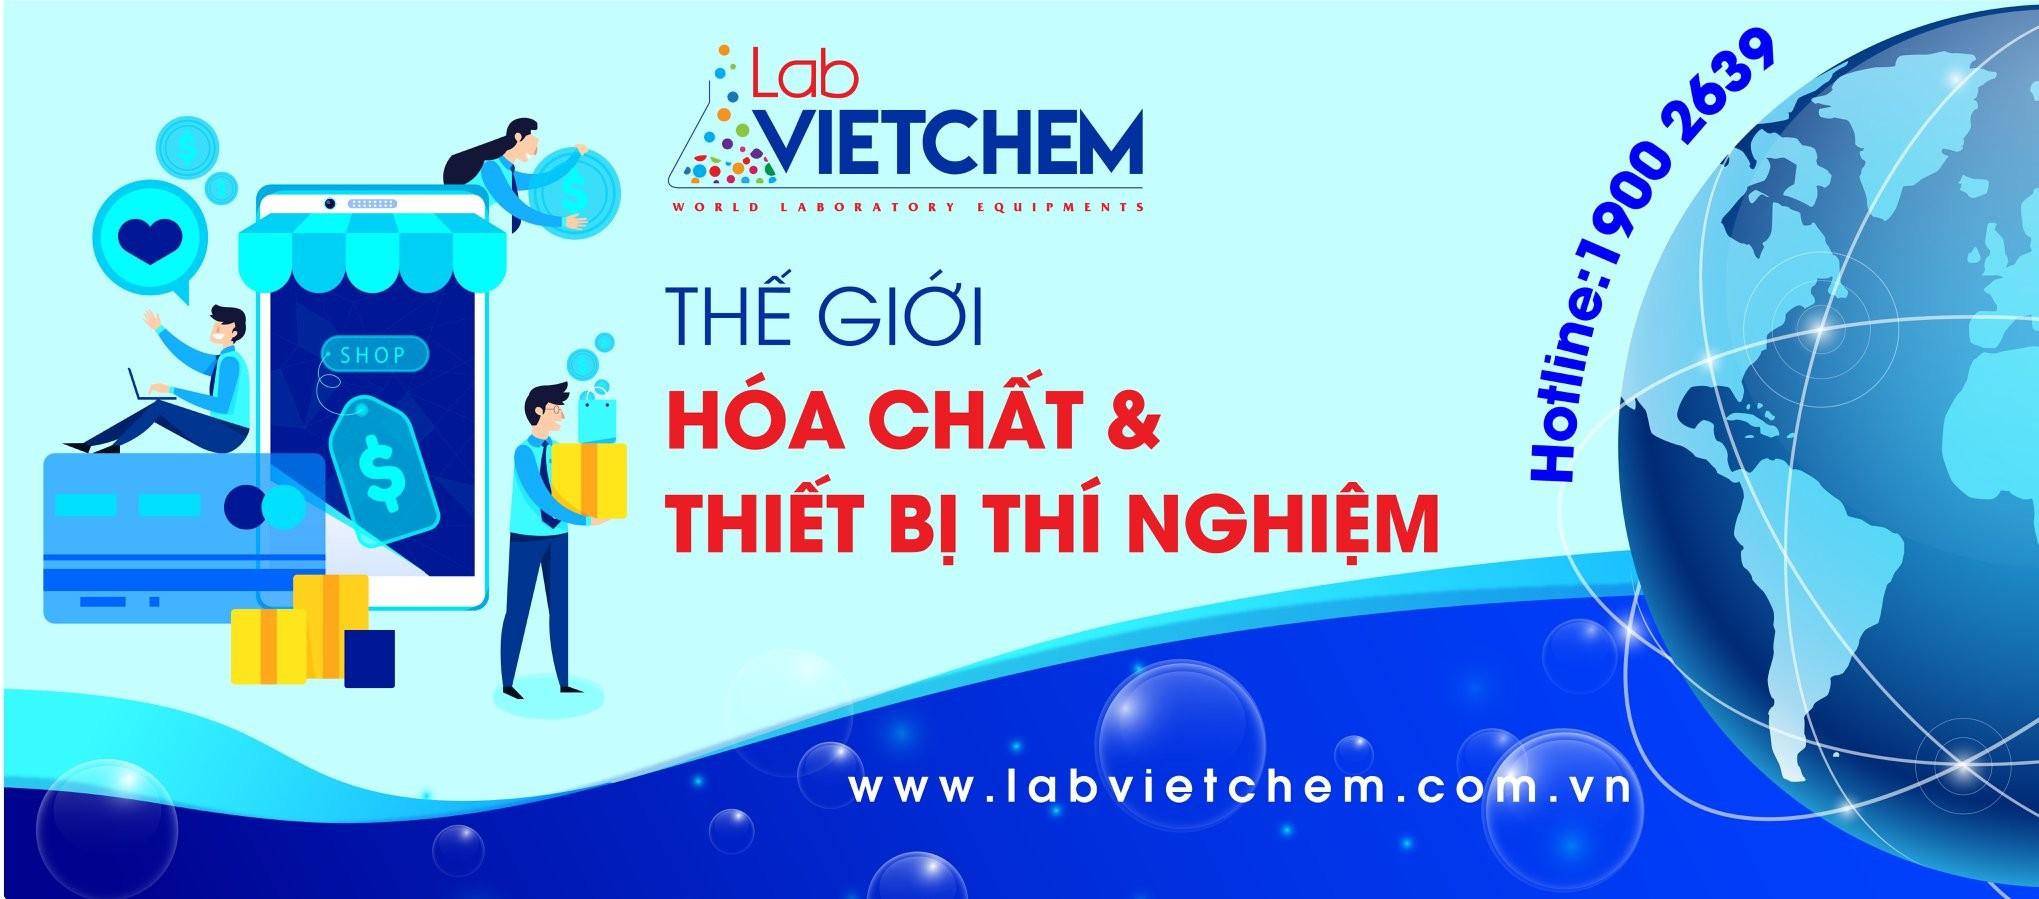 LabVIETCHEM - Thế giới hóa chất & thiết bị phòng thí nghiệm